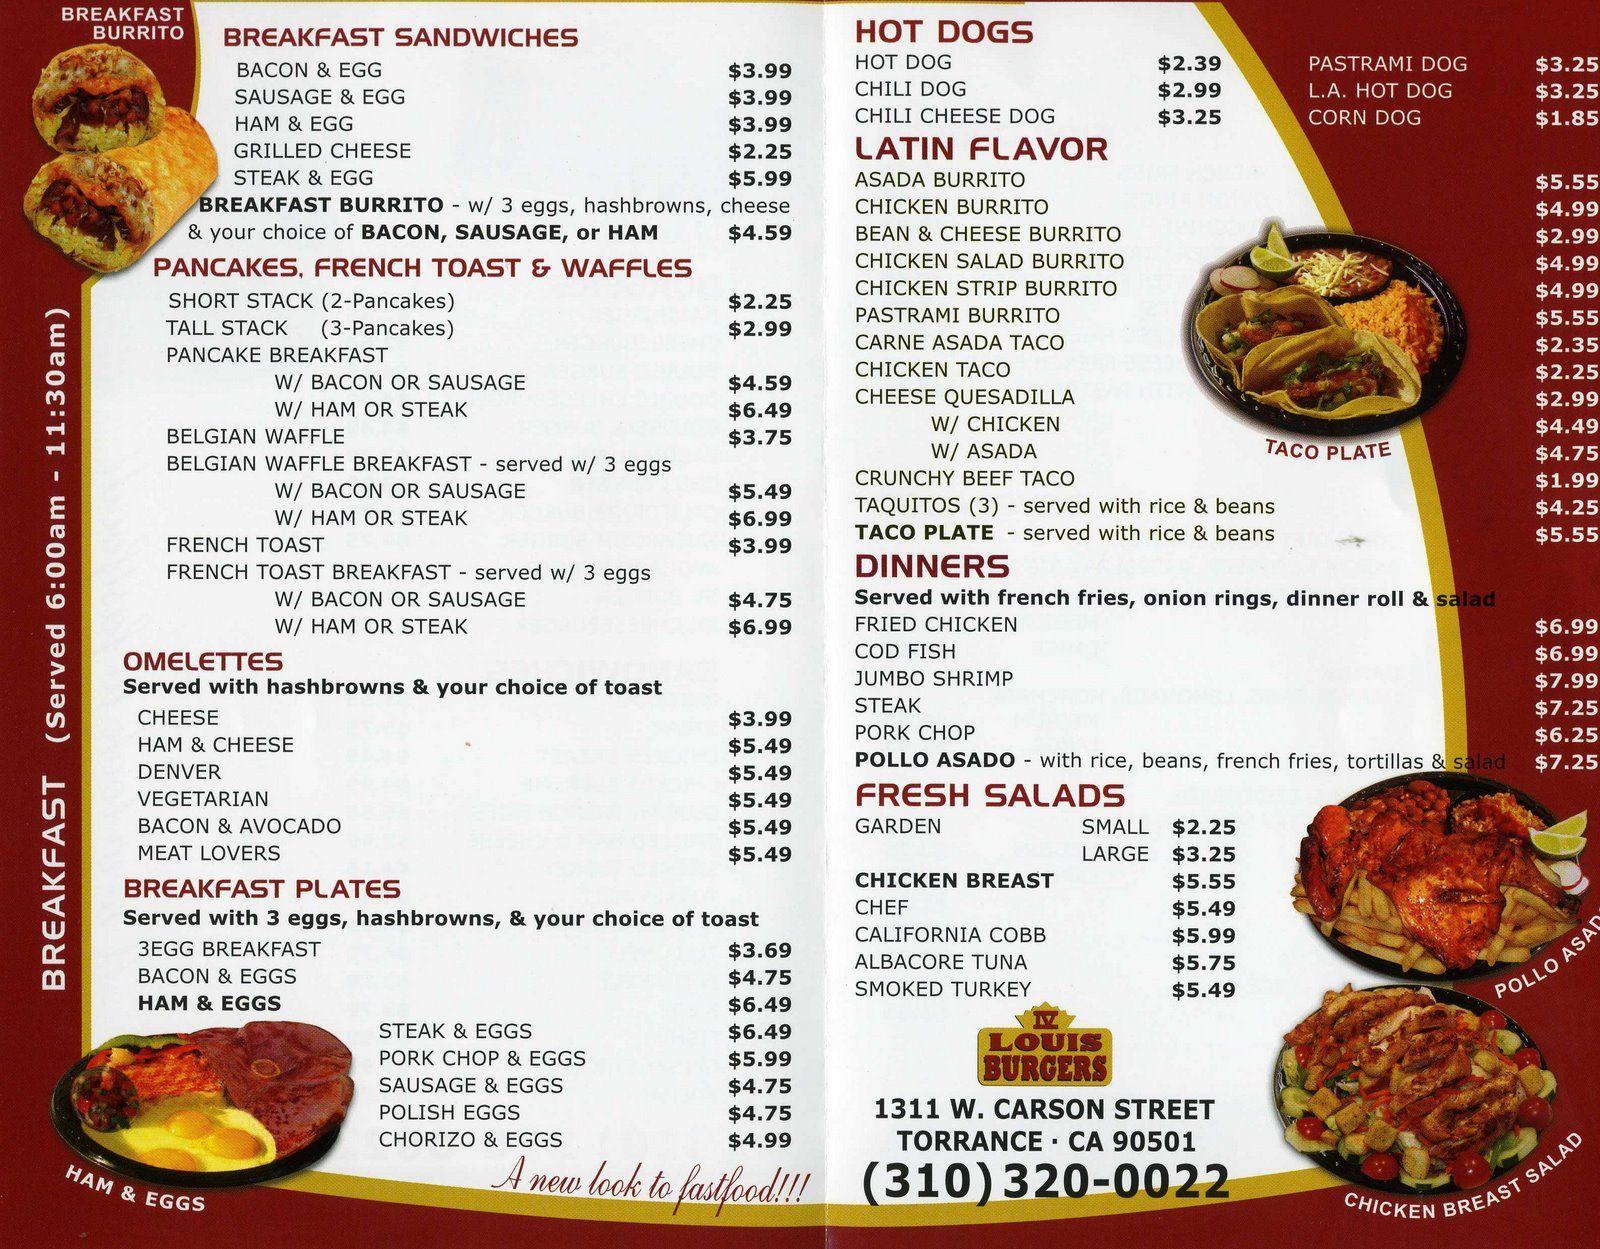 King Louis\' Magical Colossal Burger! | Soul food menu, Food menu and ...